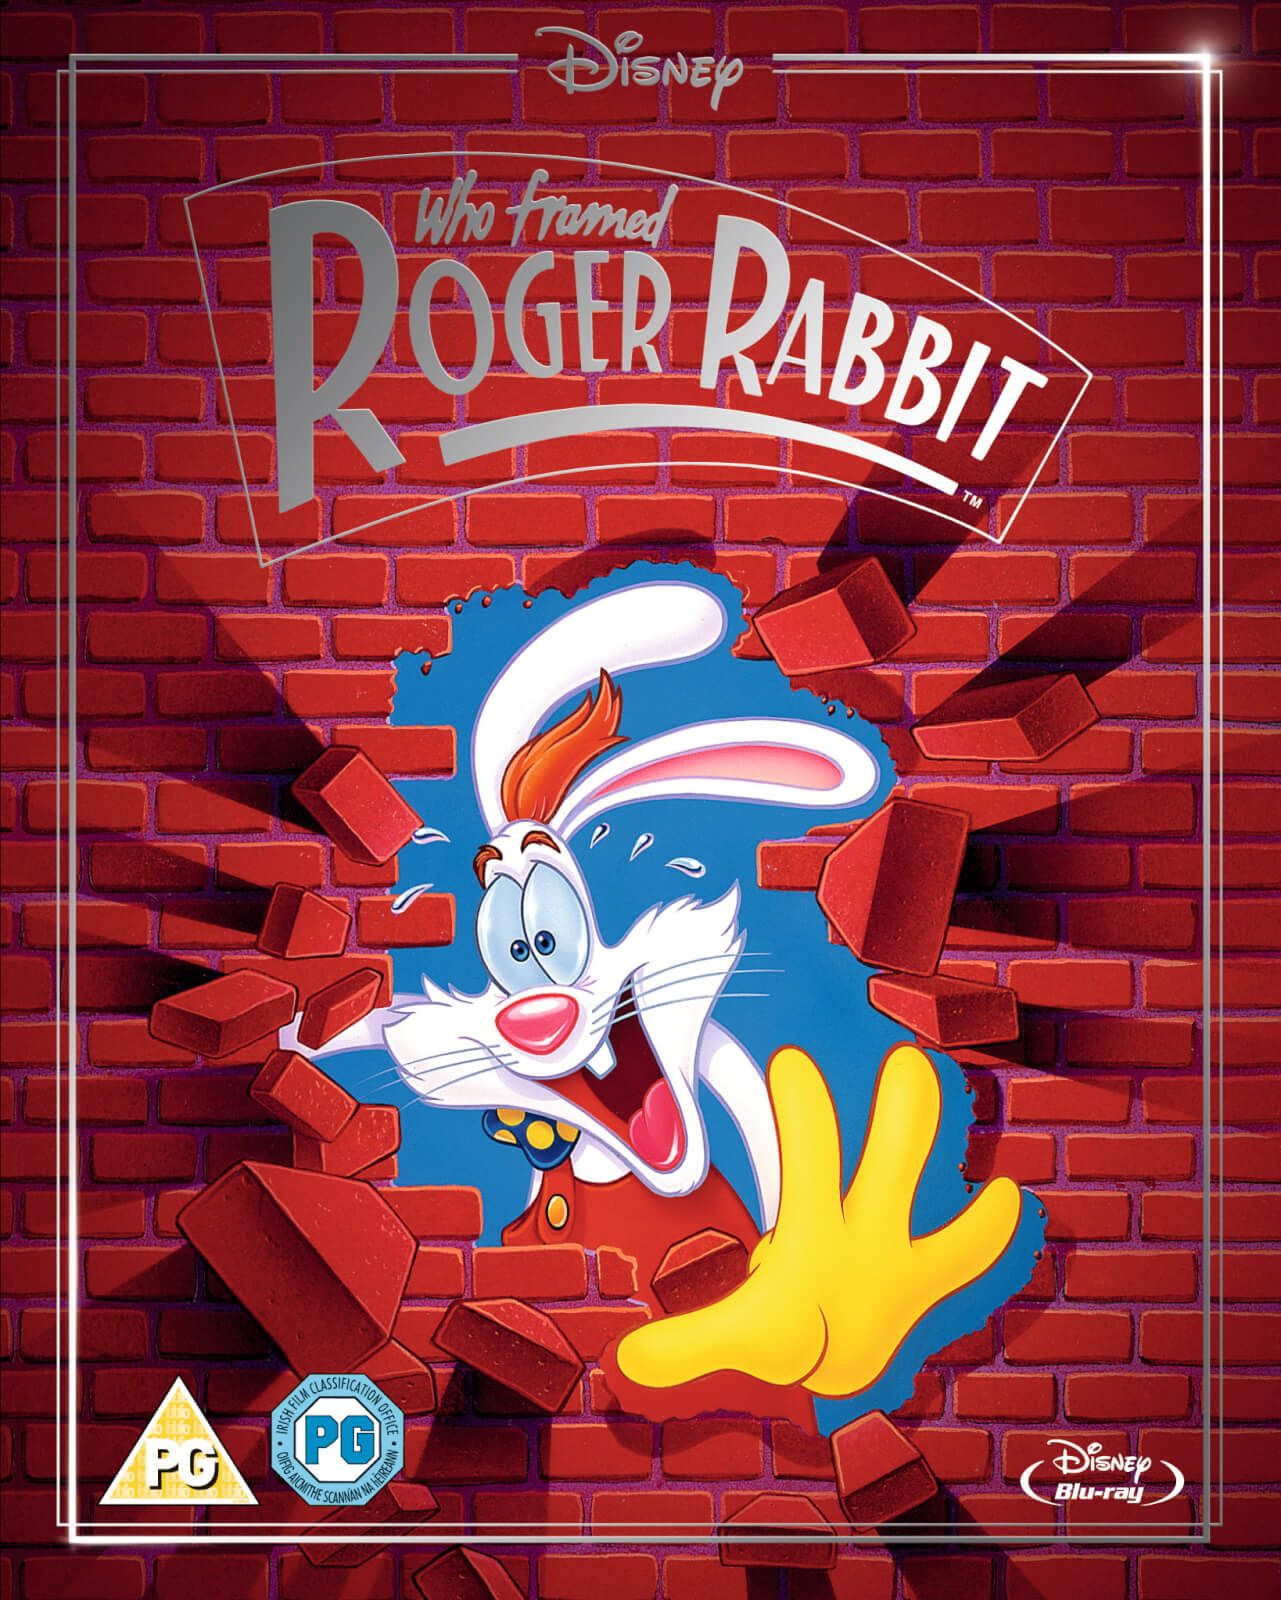 Qui Veut la Peau de Roger Rabbit (1988) MULTi VFF 2160p 10 bit 4KLight HDR WEBRip x265 HE-AAC 5 1-MM91